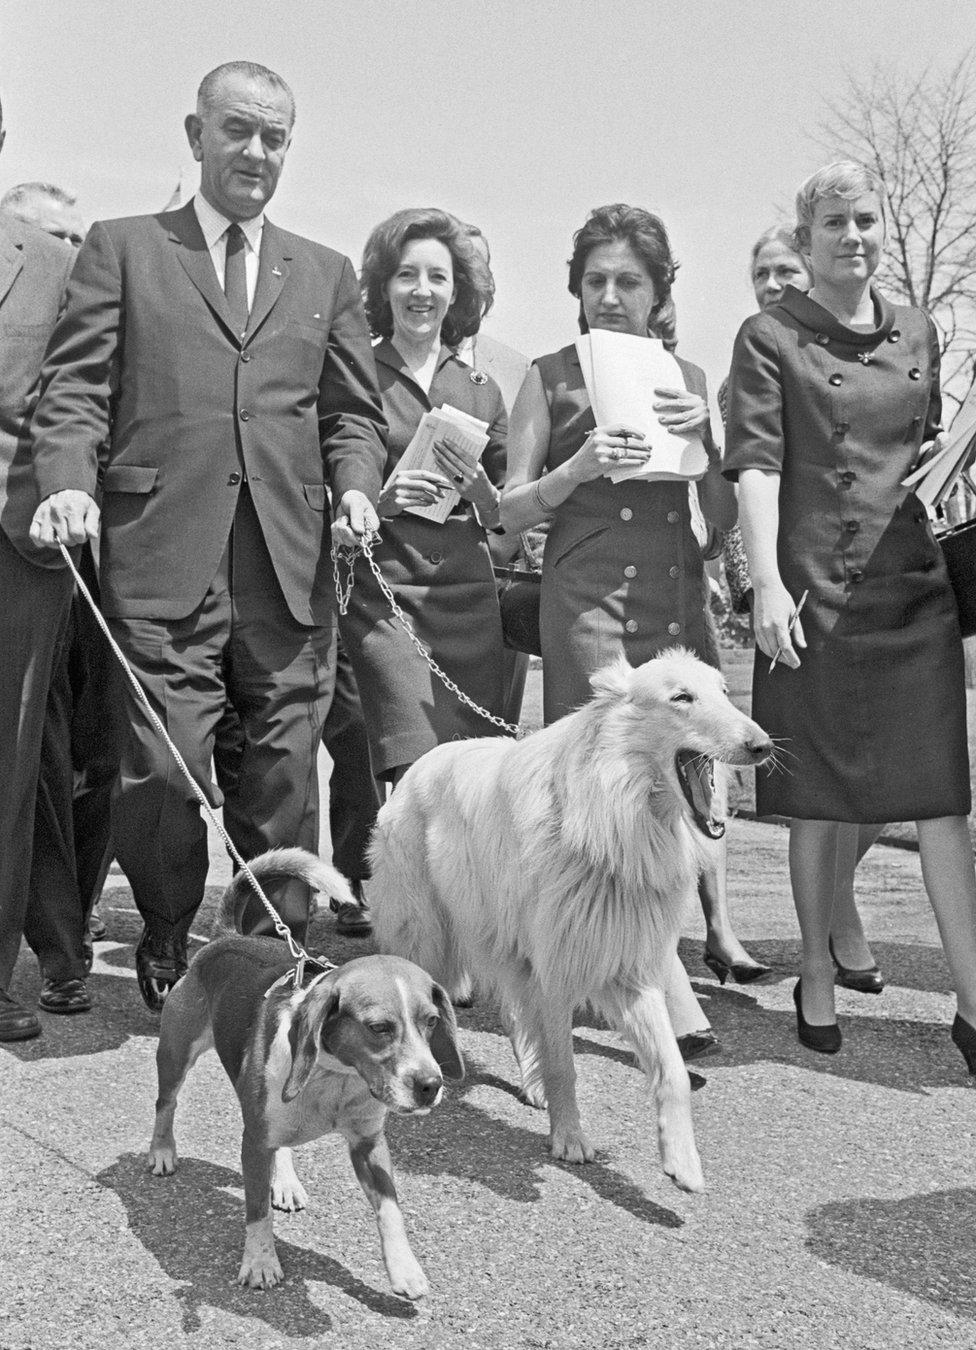 الرئيس جونسون يمشي كلبيه: هو (في الأمام على اليسار) وبلانكو (يمين الأمام) إلى جانب الصحفيين في أراضي البيت الأبيض في عام 1965.